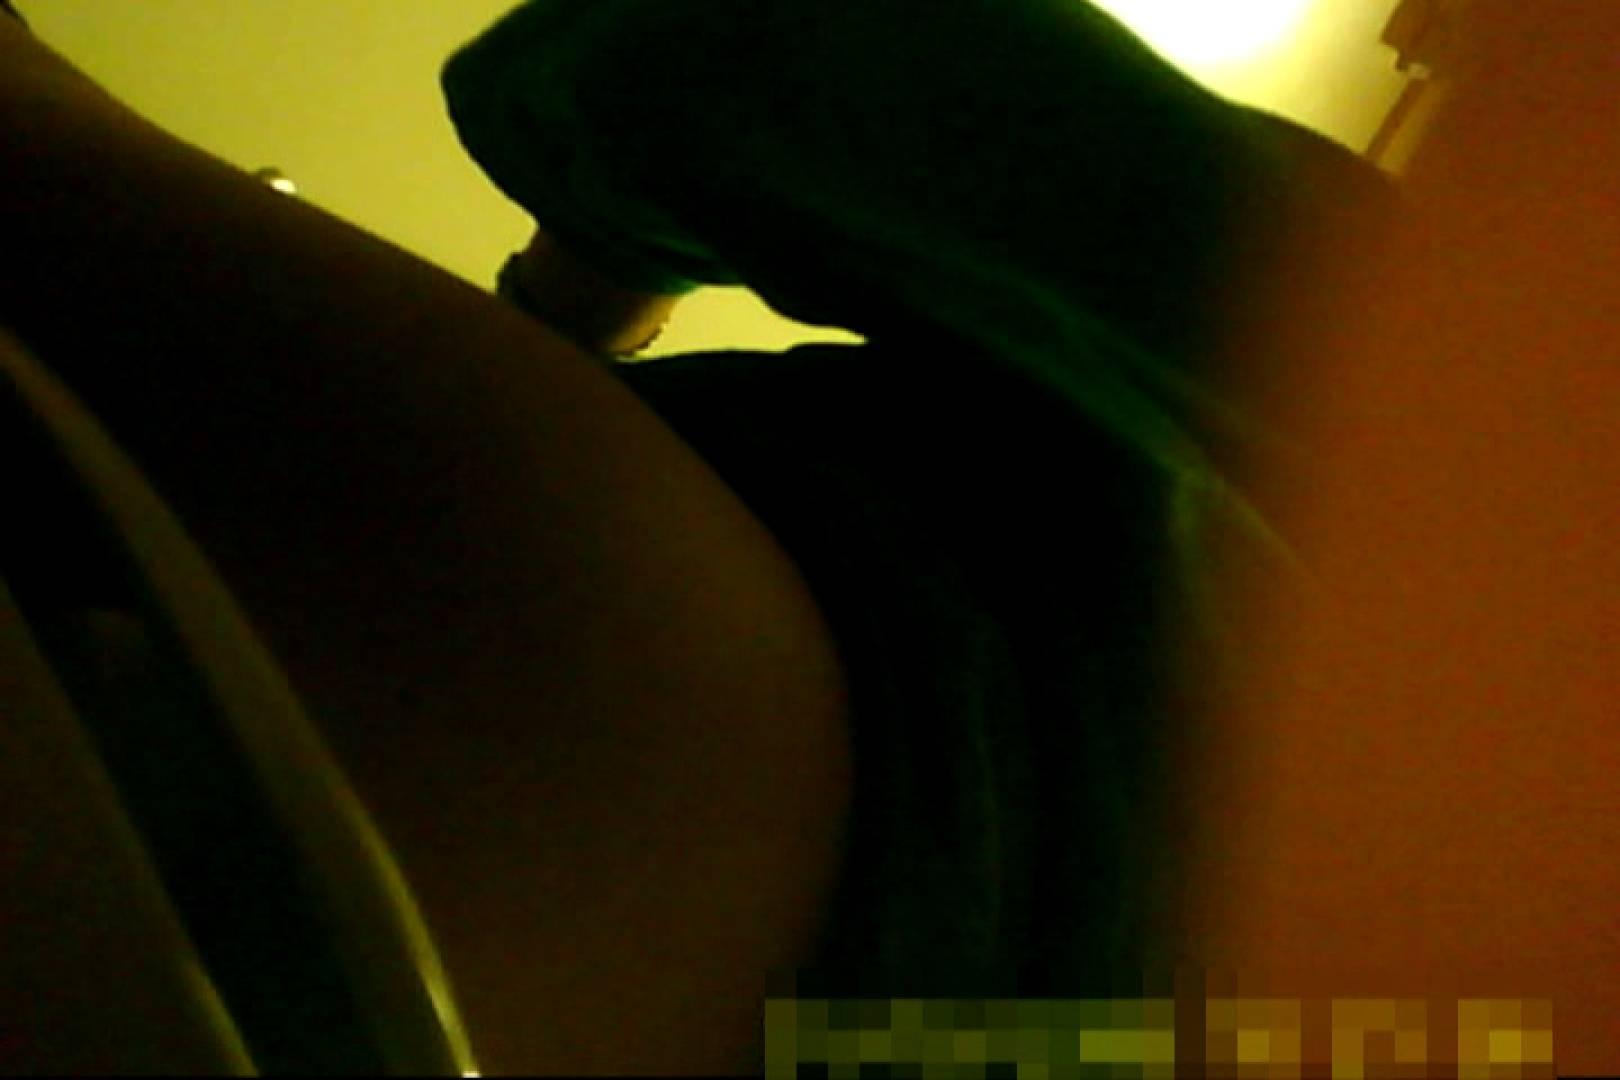 魅惑の化粧室~禁断のプライベート空間~21 洗面所 盗撮画像 109pic 11